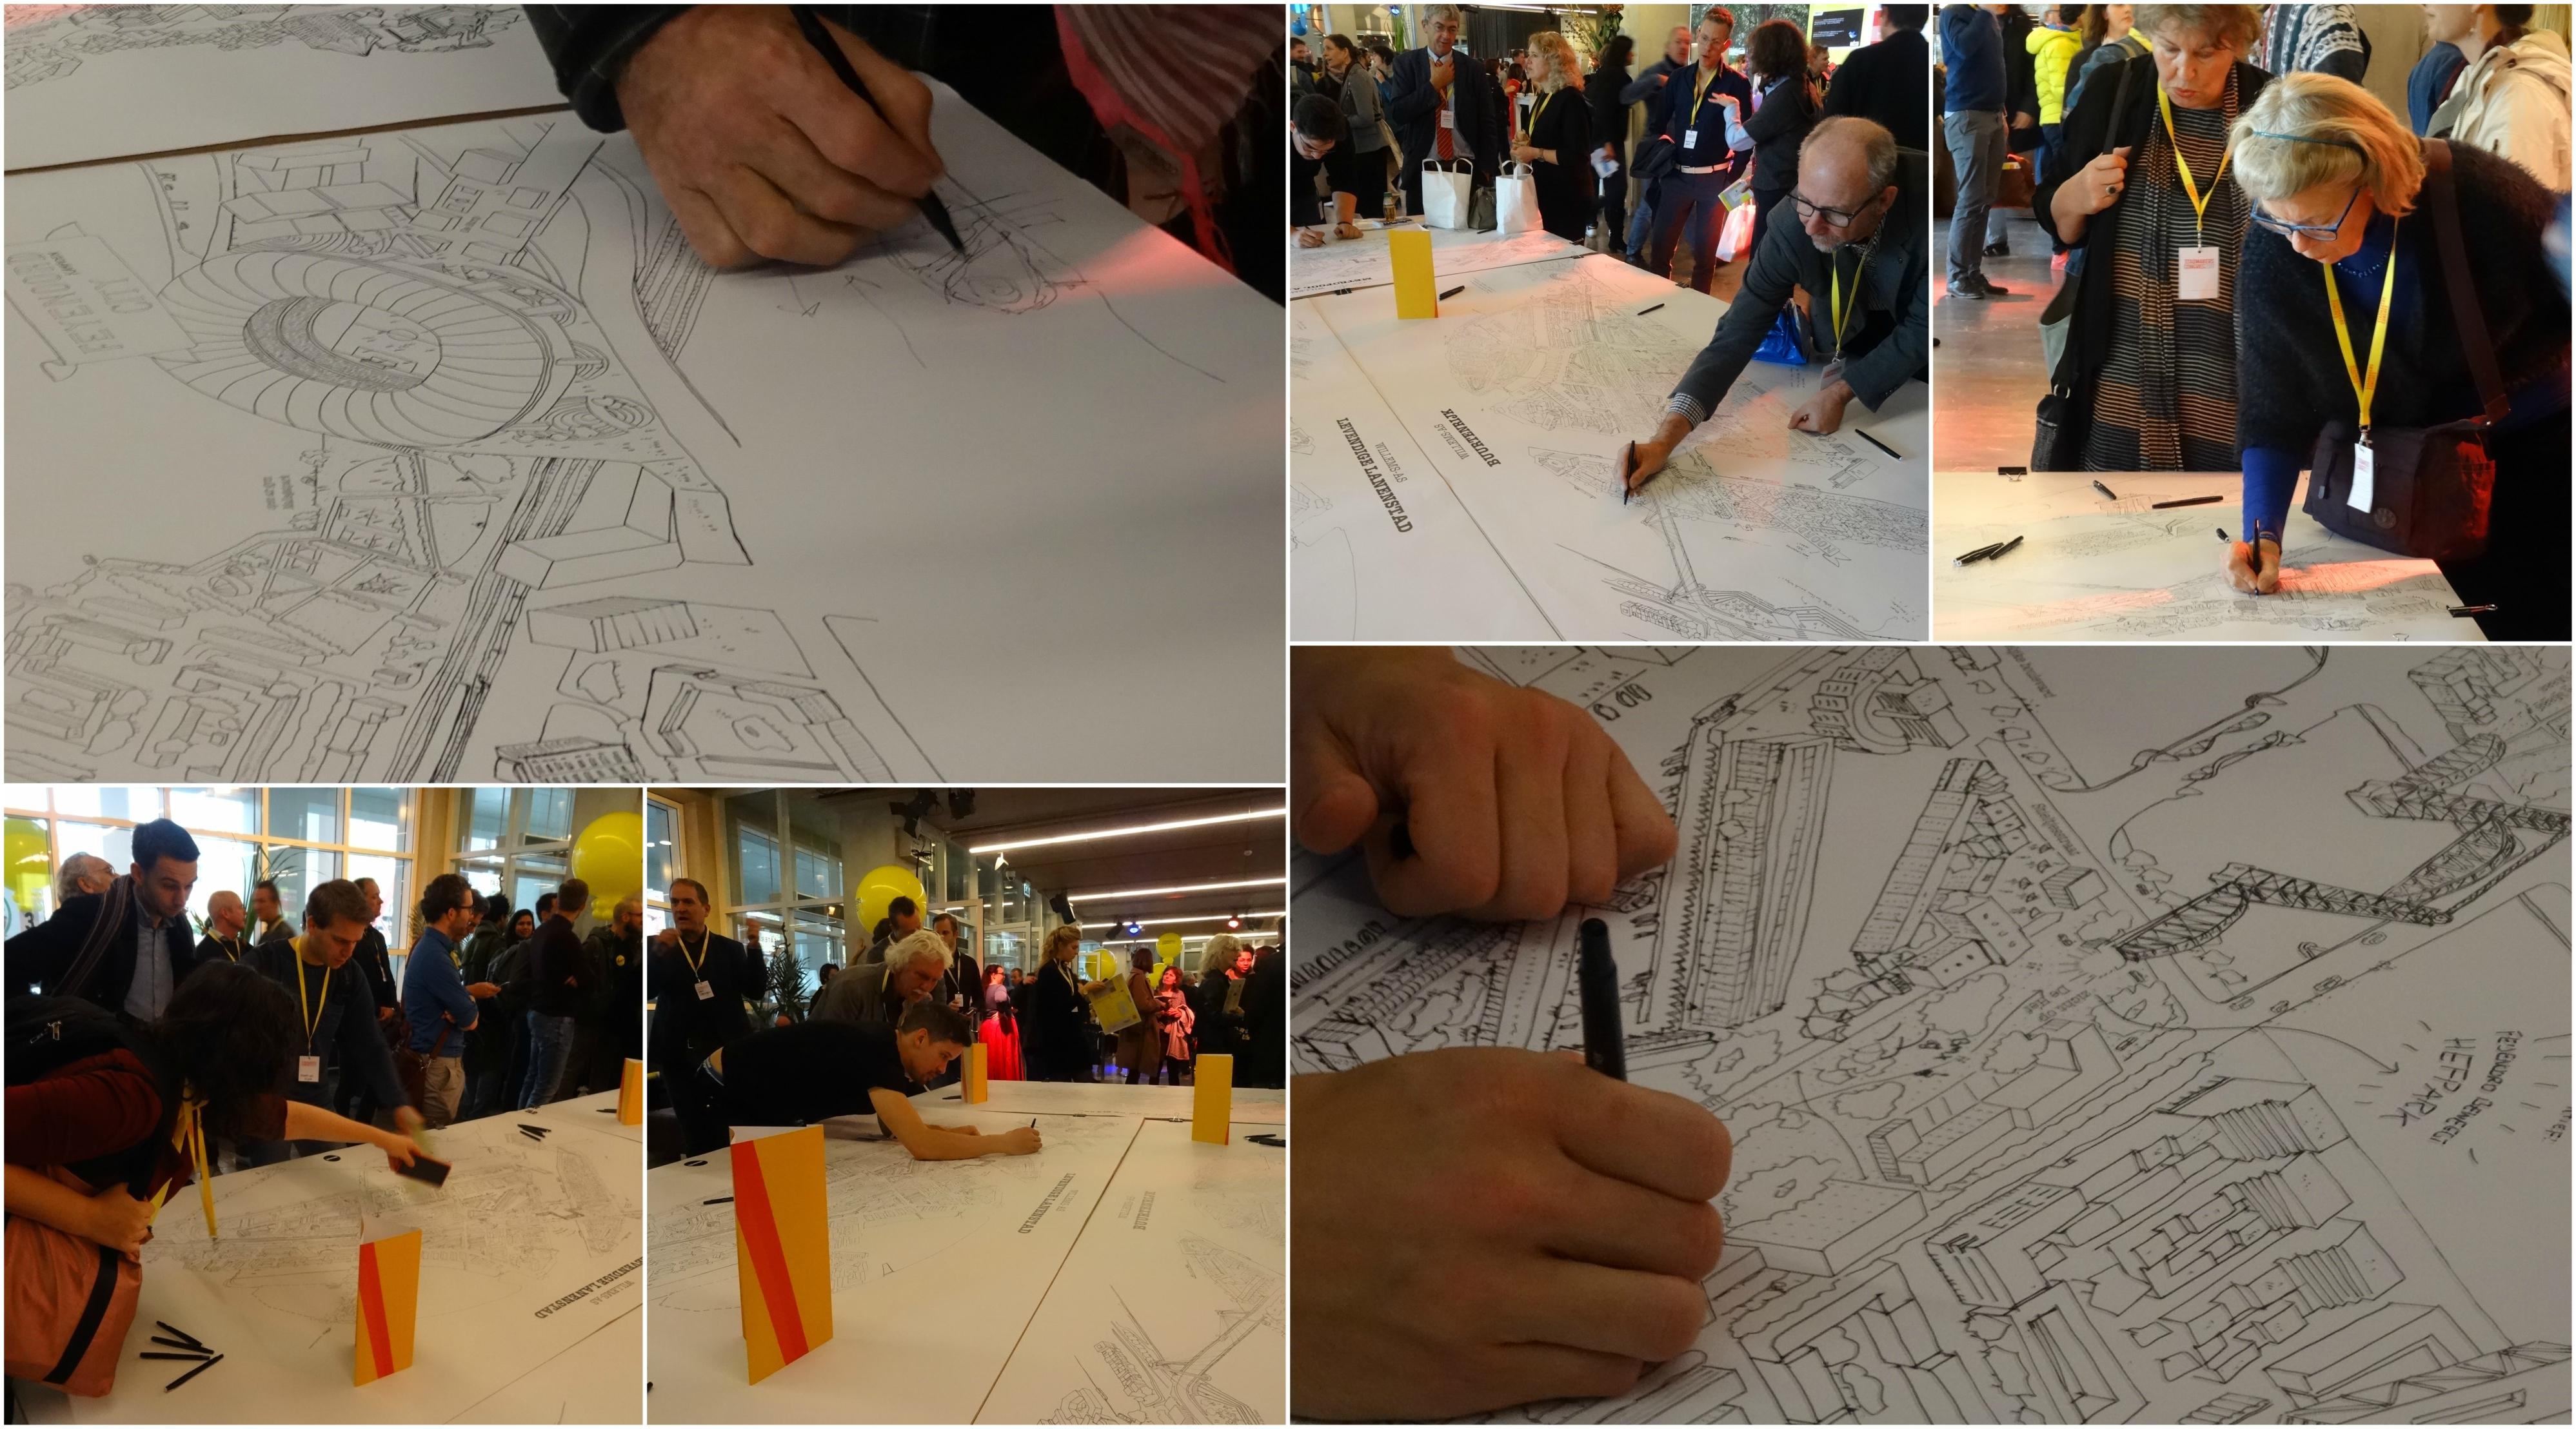 Foto's van een succesvol Stadmakerscongres